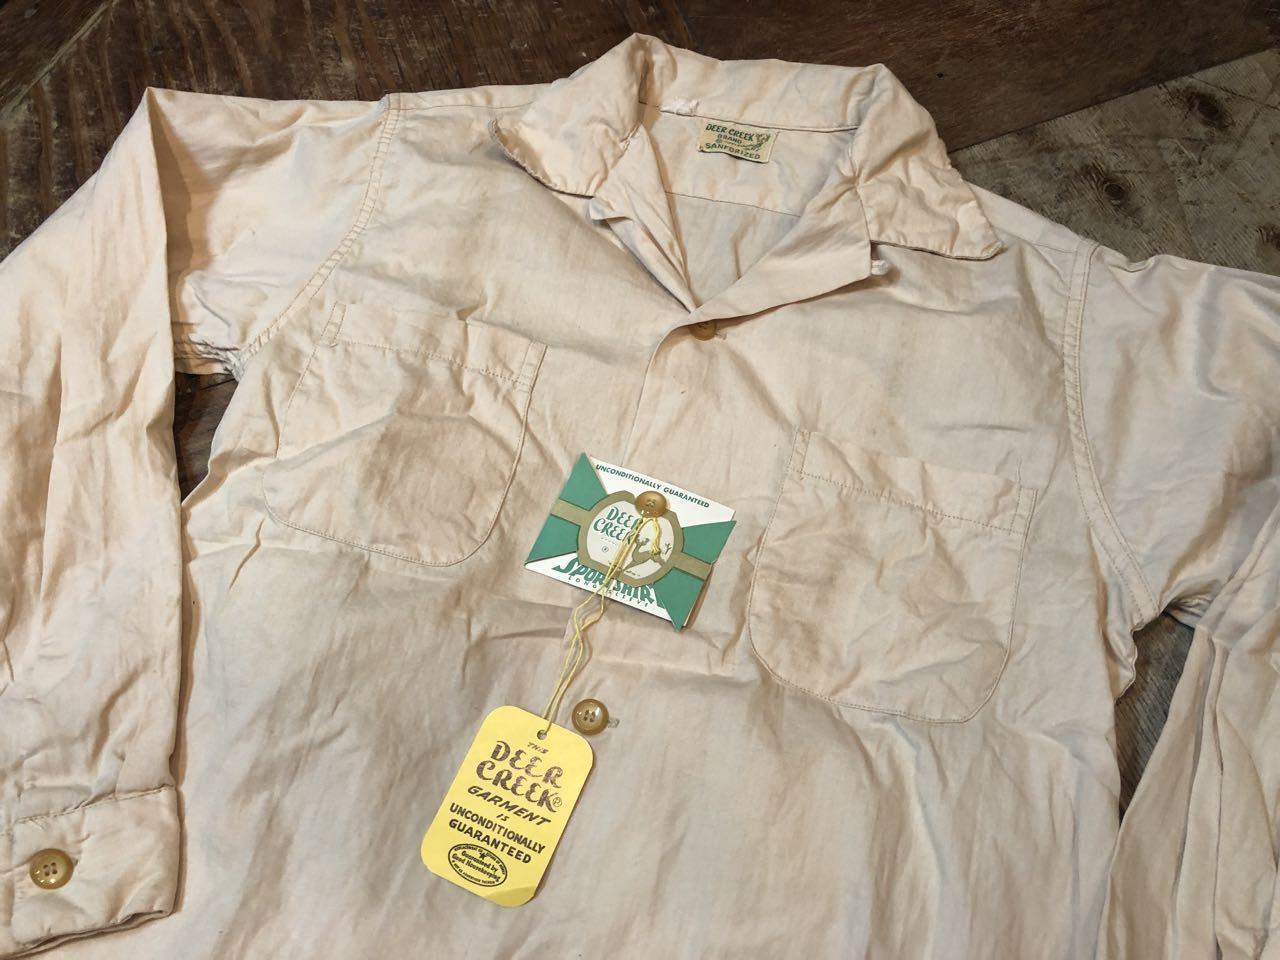 5月18日(土)入荷!50s ワンウォッシュ Deer Creek  all cotton ボックス 開襟シャツ!_c0144020_13292309.jpg